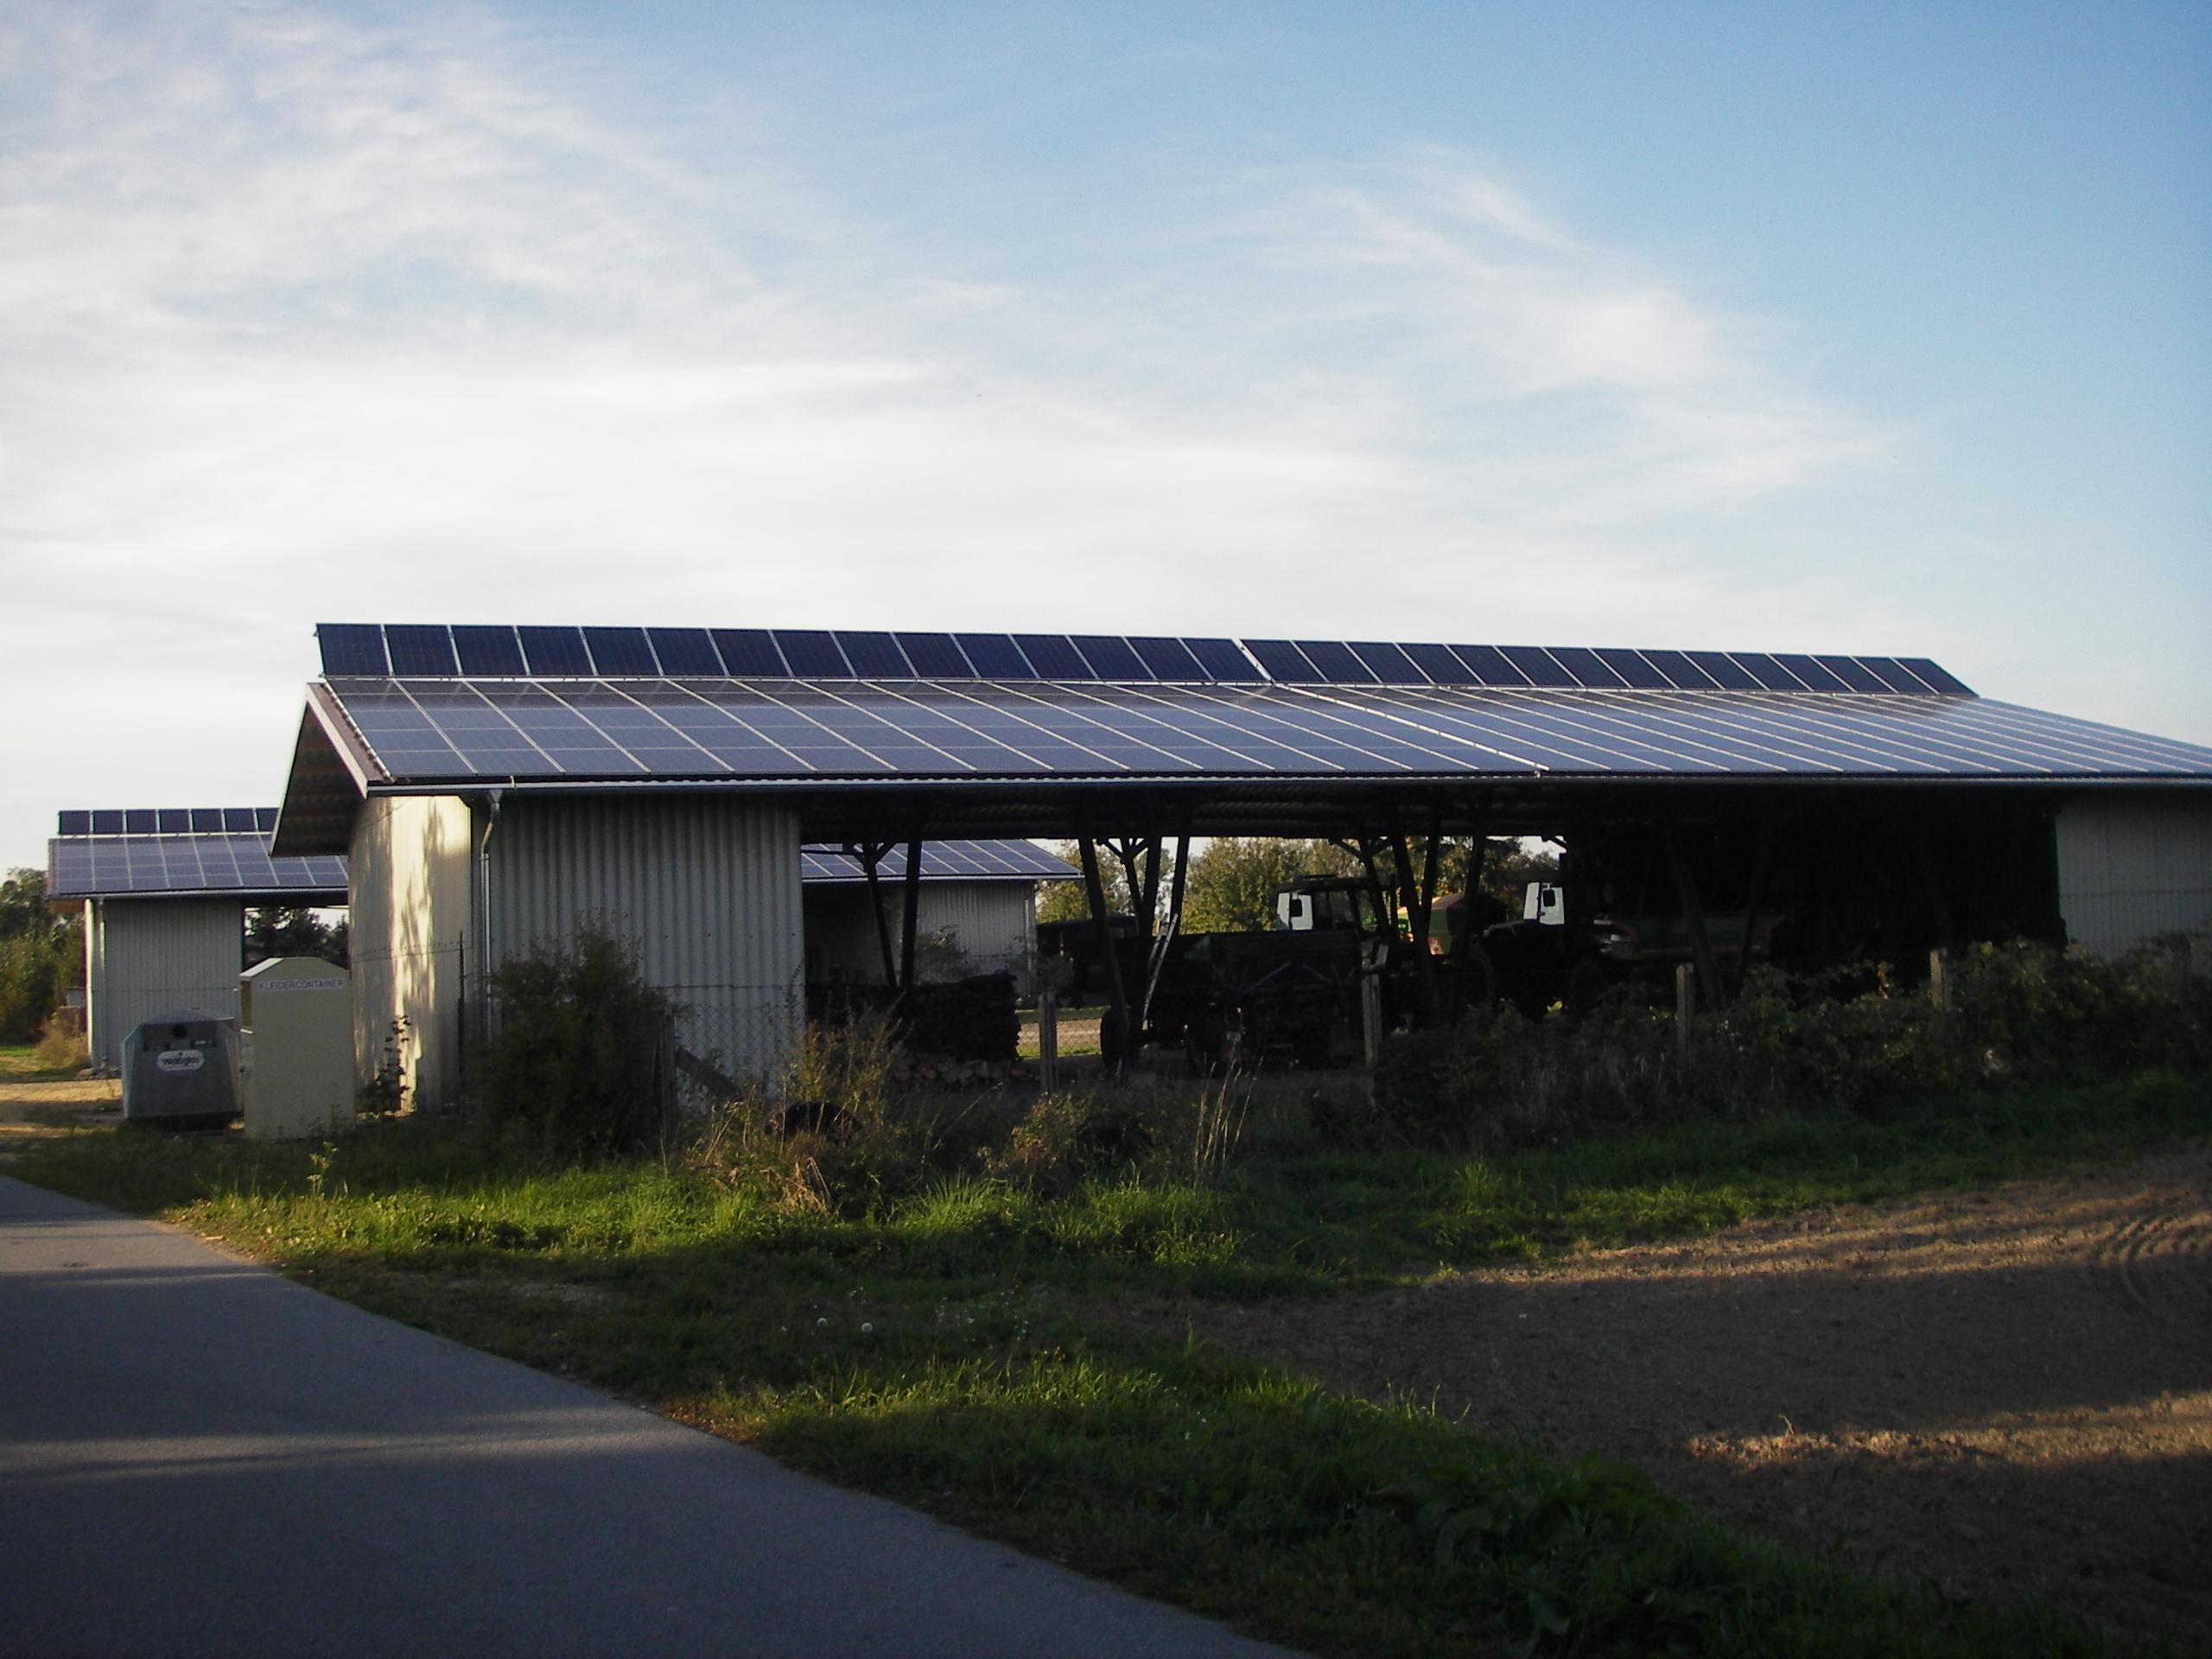 Gewerbeanlage mit Aufständerung der Solarmodule